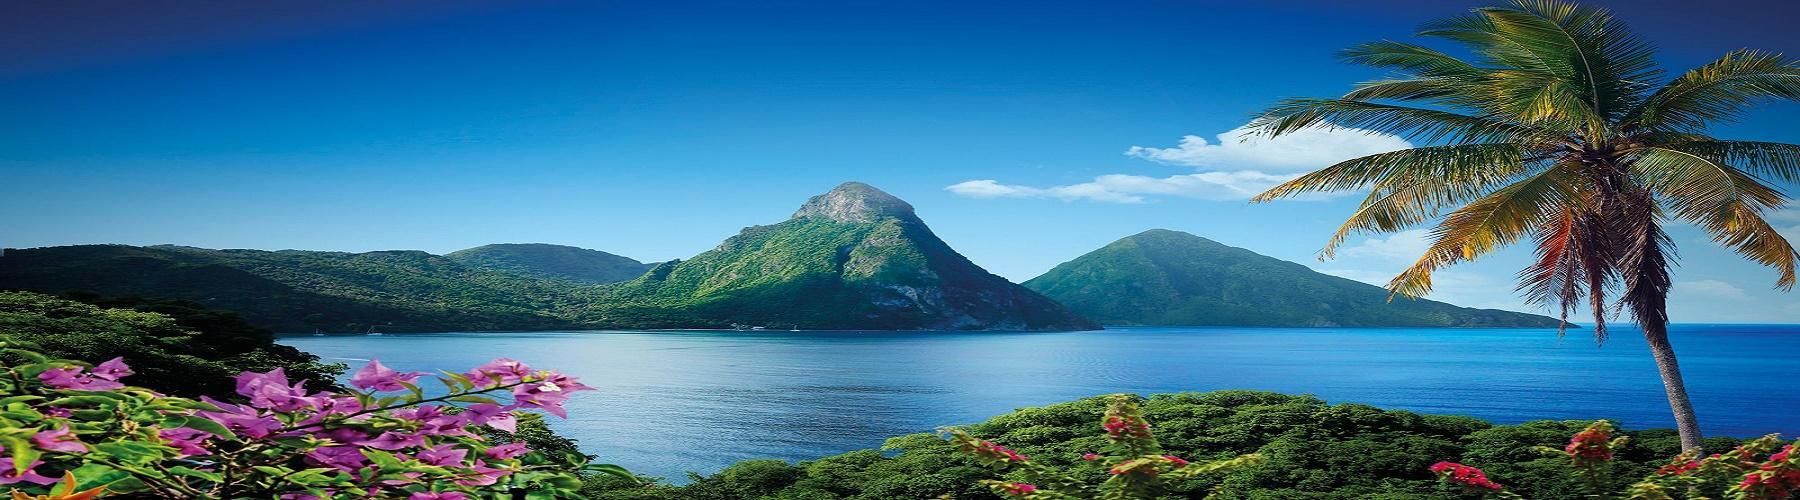 Остров Сент-Люсия